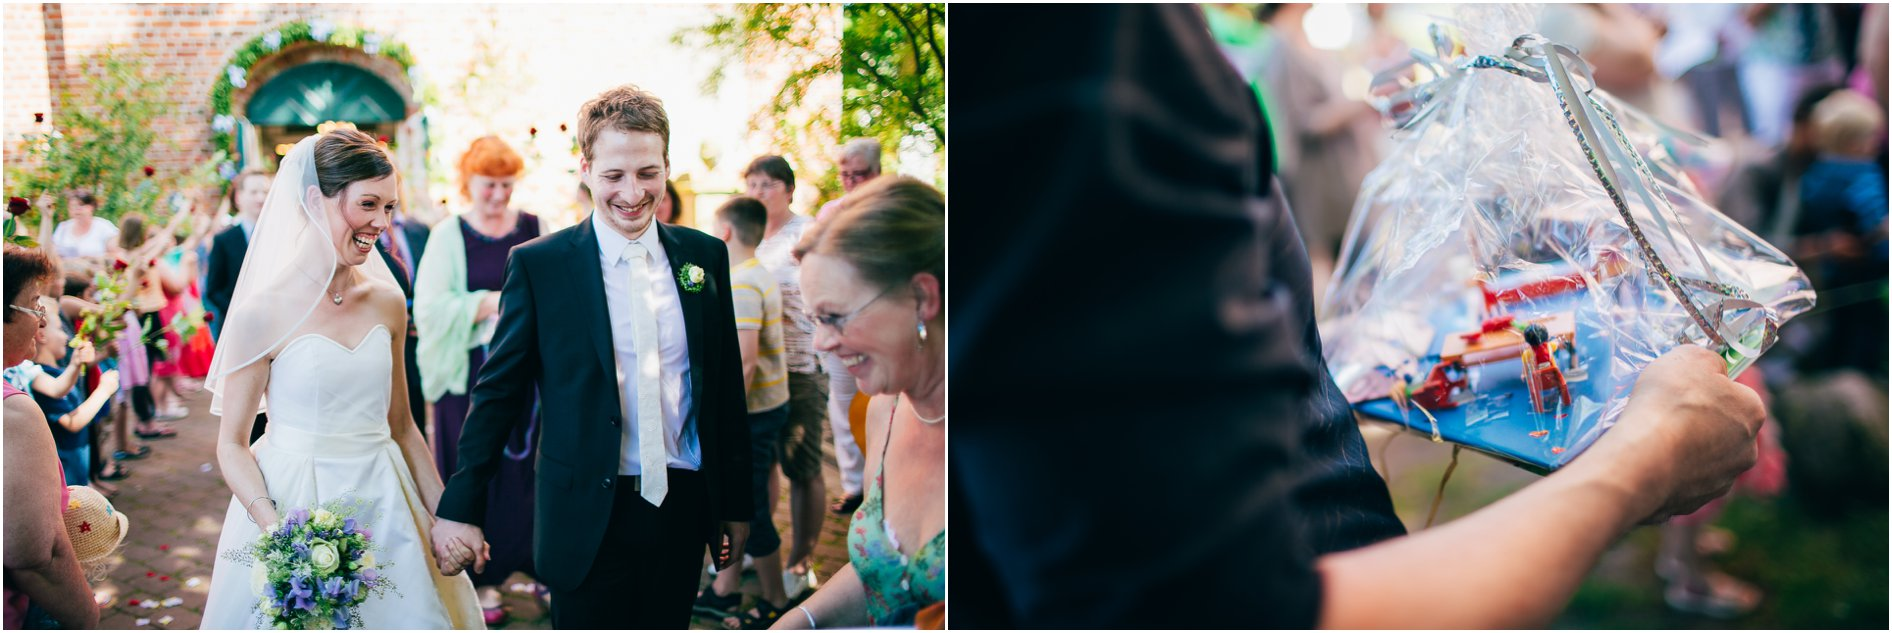 2014-08-07_0047 Wiebke und Marcio - Hochzeitsfotograf in Lüneburg